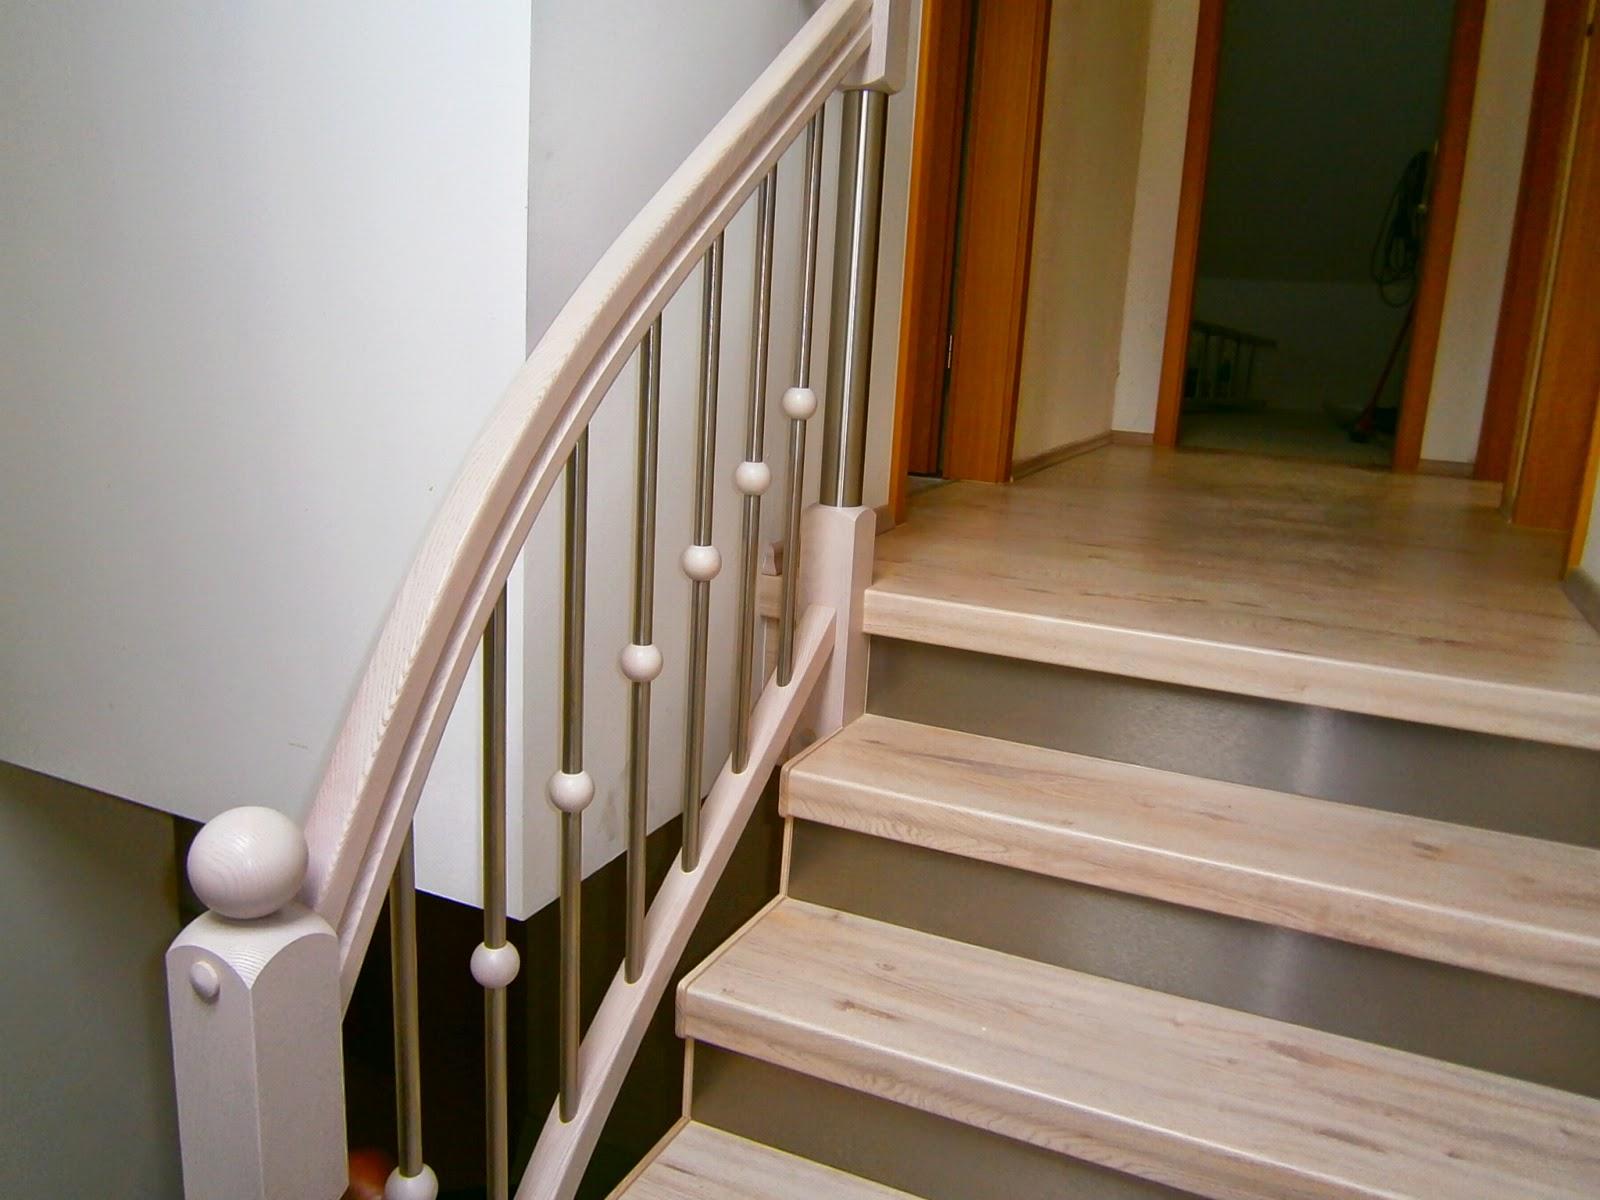 HK Treppenrenovierung - Treppe Weißer Nussbaum – Edelstahl-Setzstufen - Optik